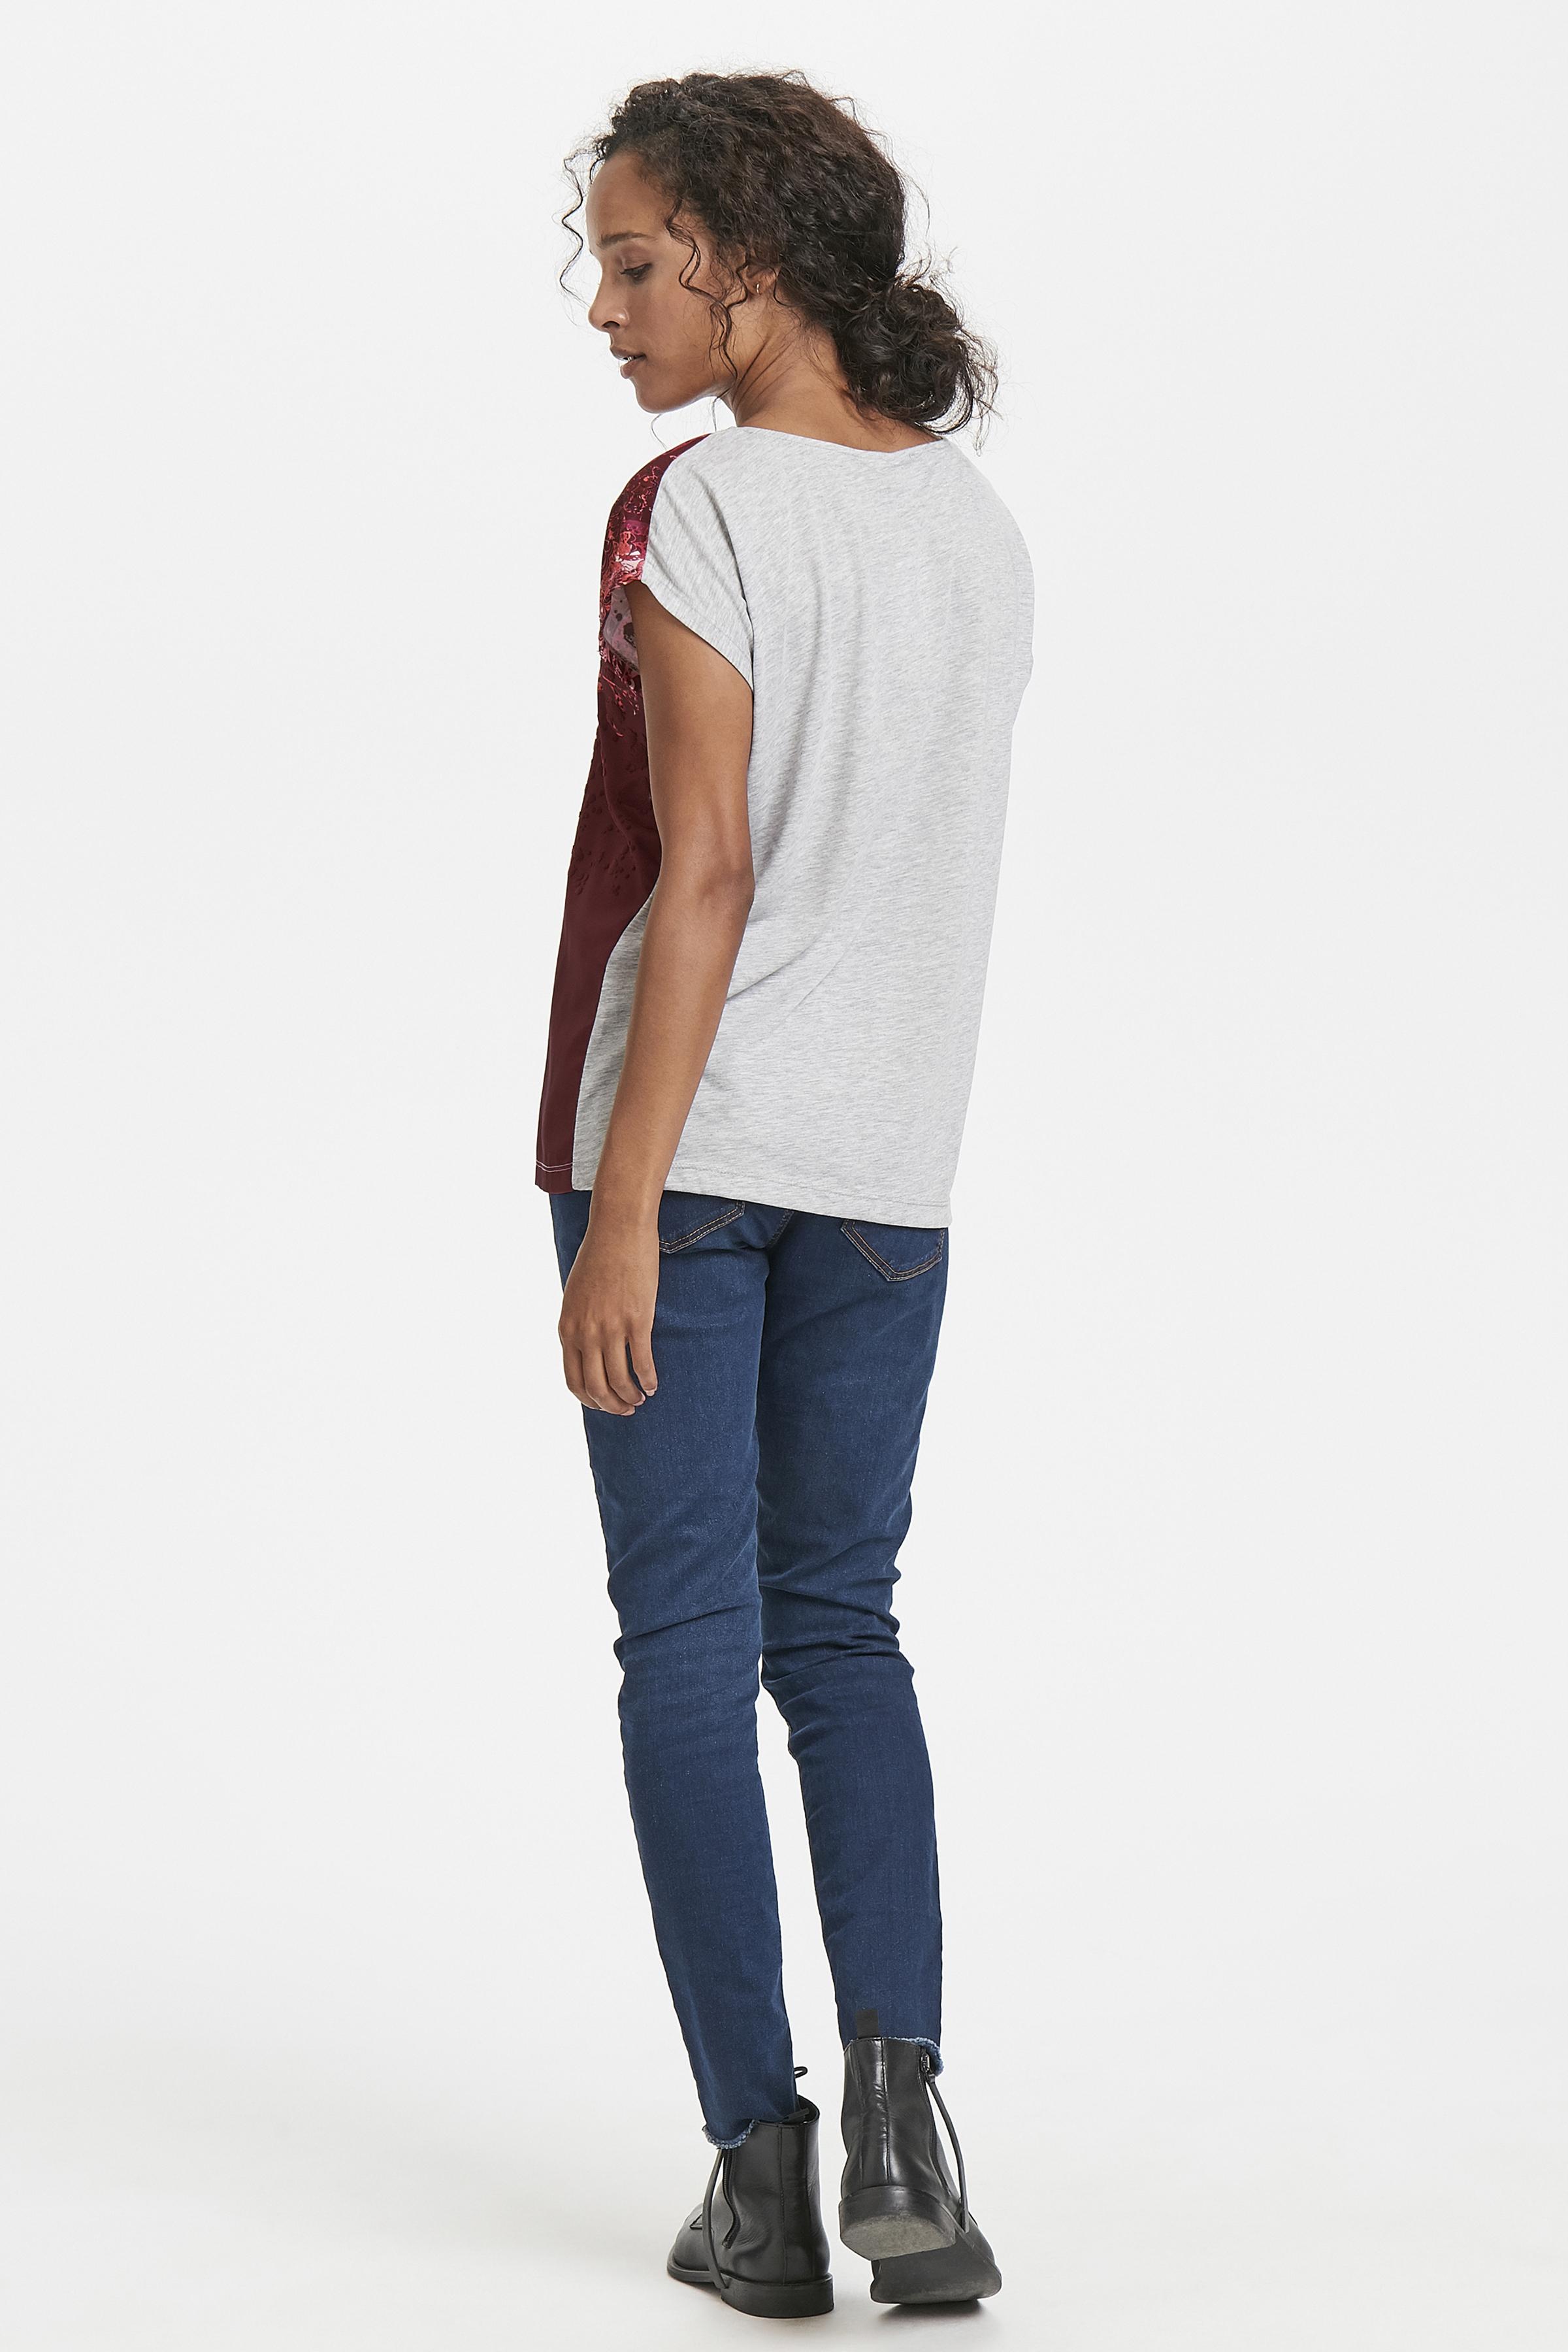 Gebranntes rot Kurzarm T-Shirt von Cream – Shoppen Sie Gebranntes rot Kurzarm T-Shirt ab Gr. XS-XXL hier